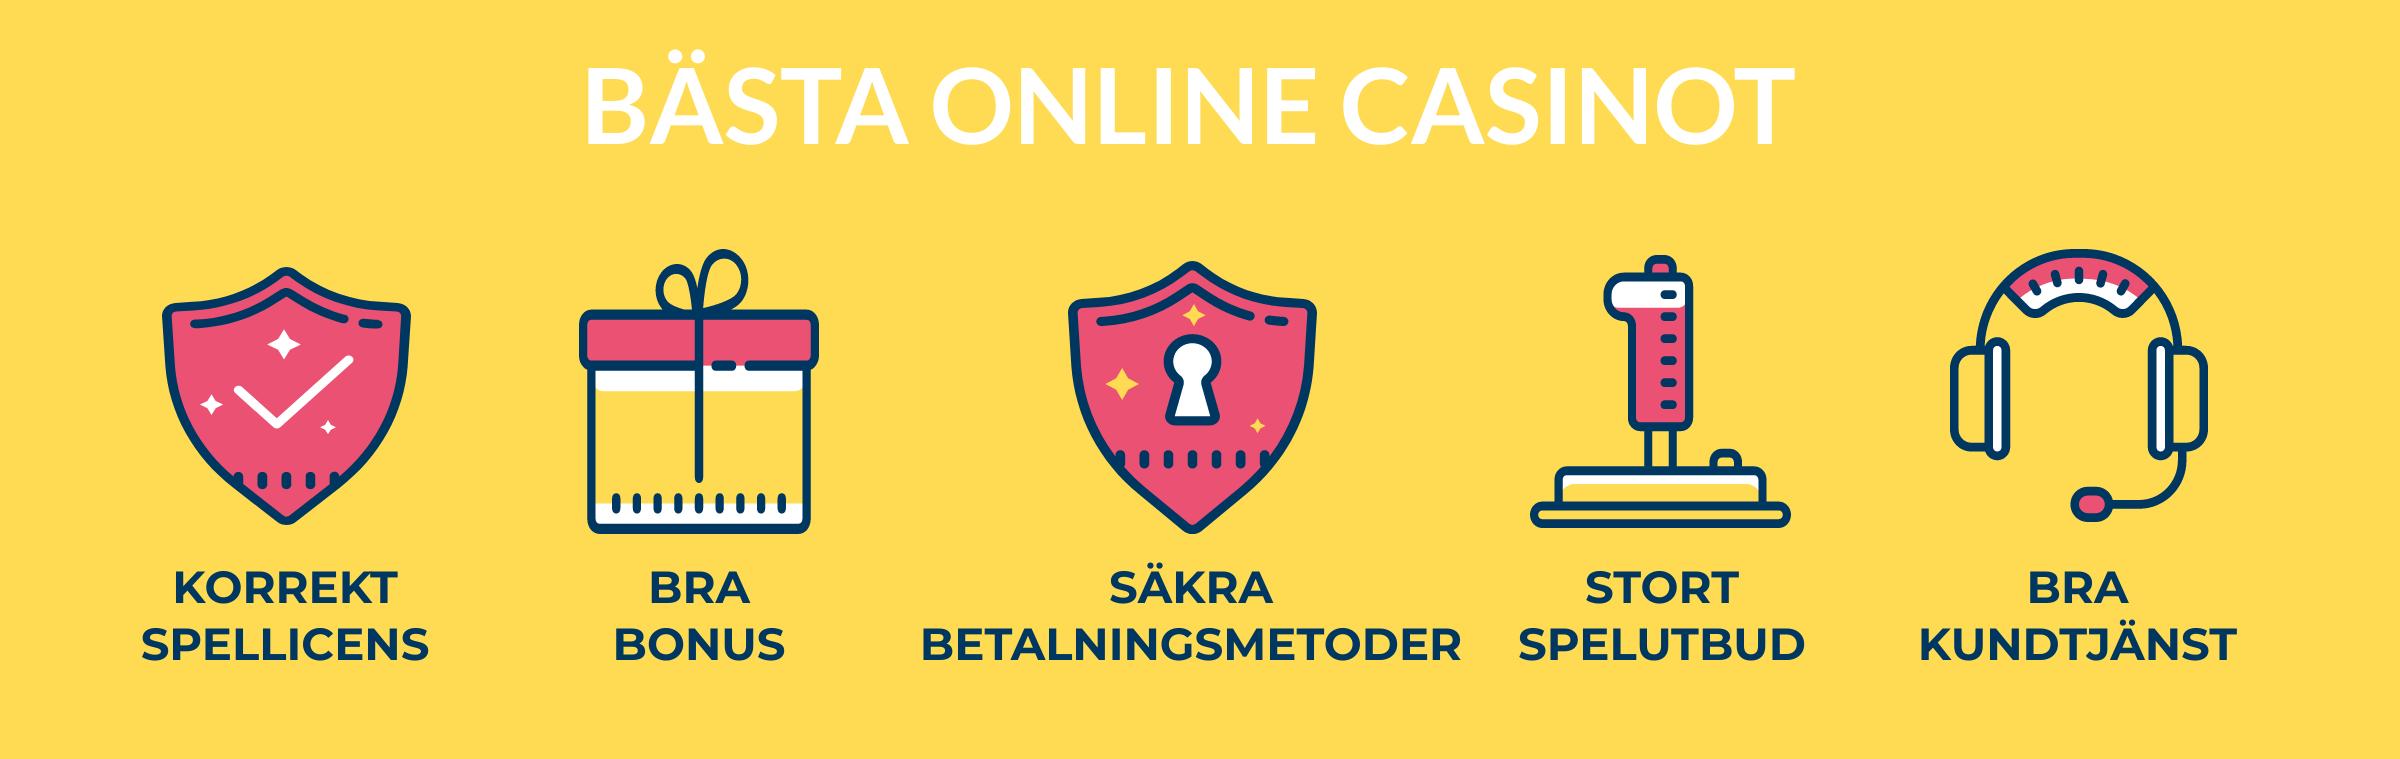 Svenska spel 302522